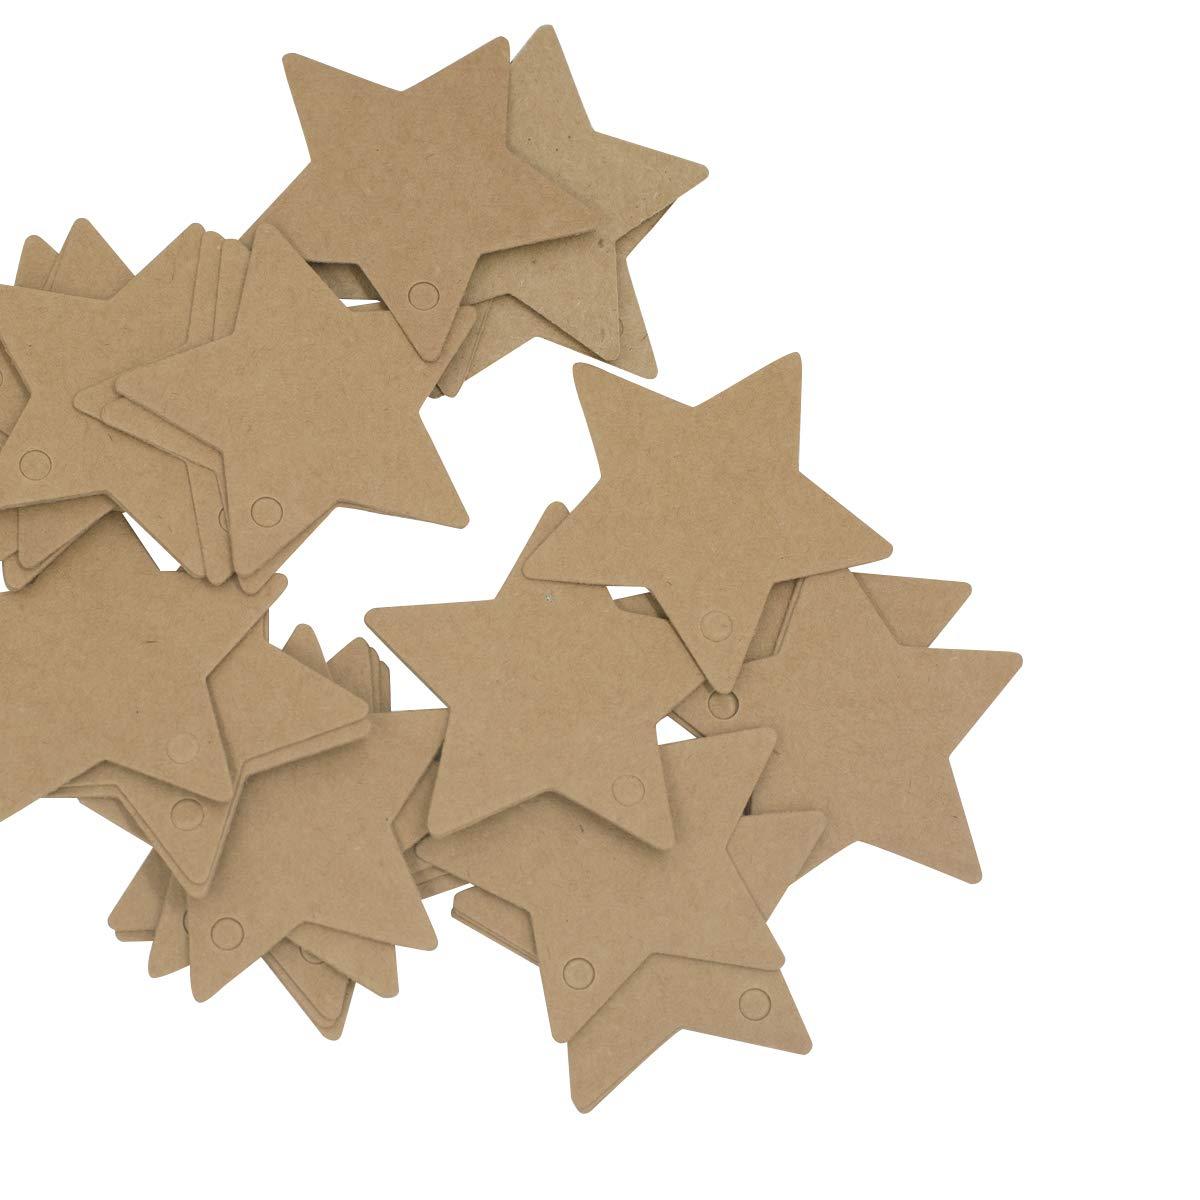 Boenfu 100 pz stella, vuoto stella in carta kraft etichette per regali Cards bagagli etichette regalo etichette per bagagli di nozze festa party compleanno casa Natale ornamento DIY tag